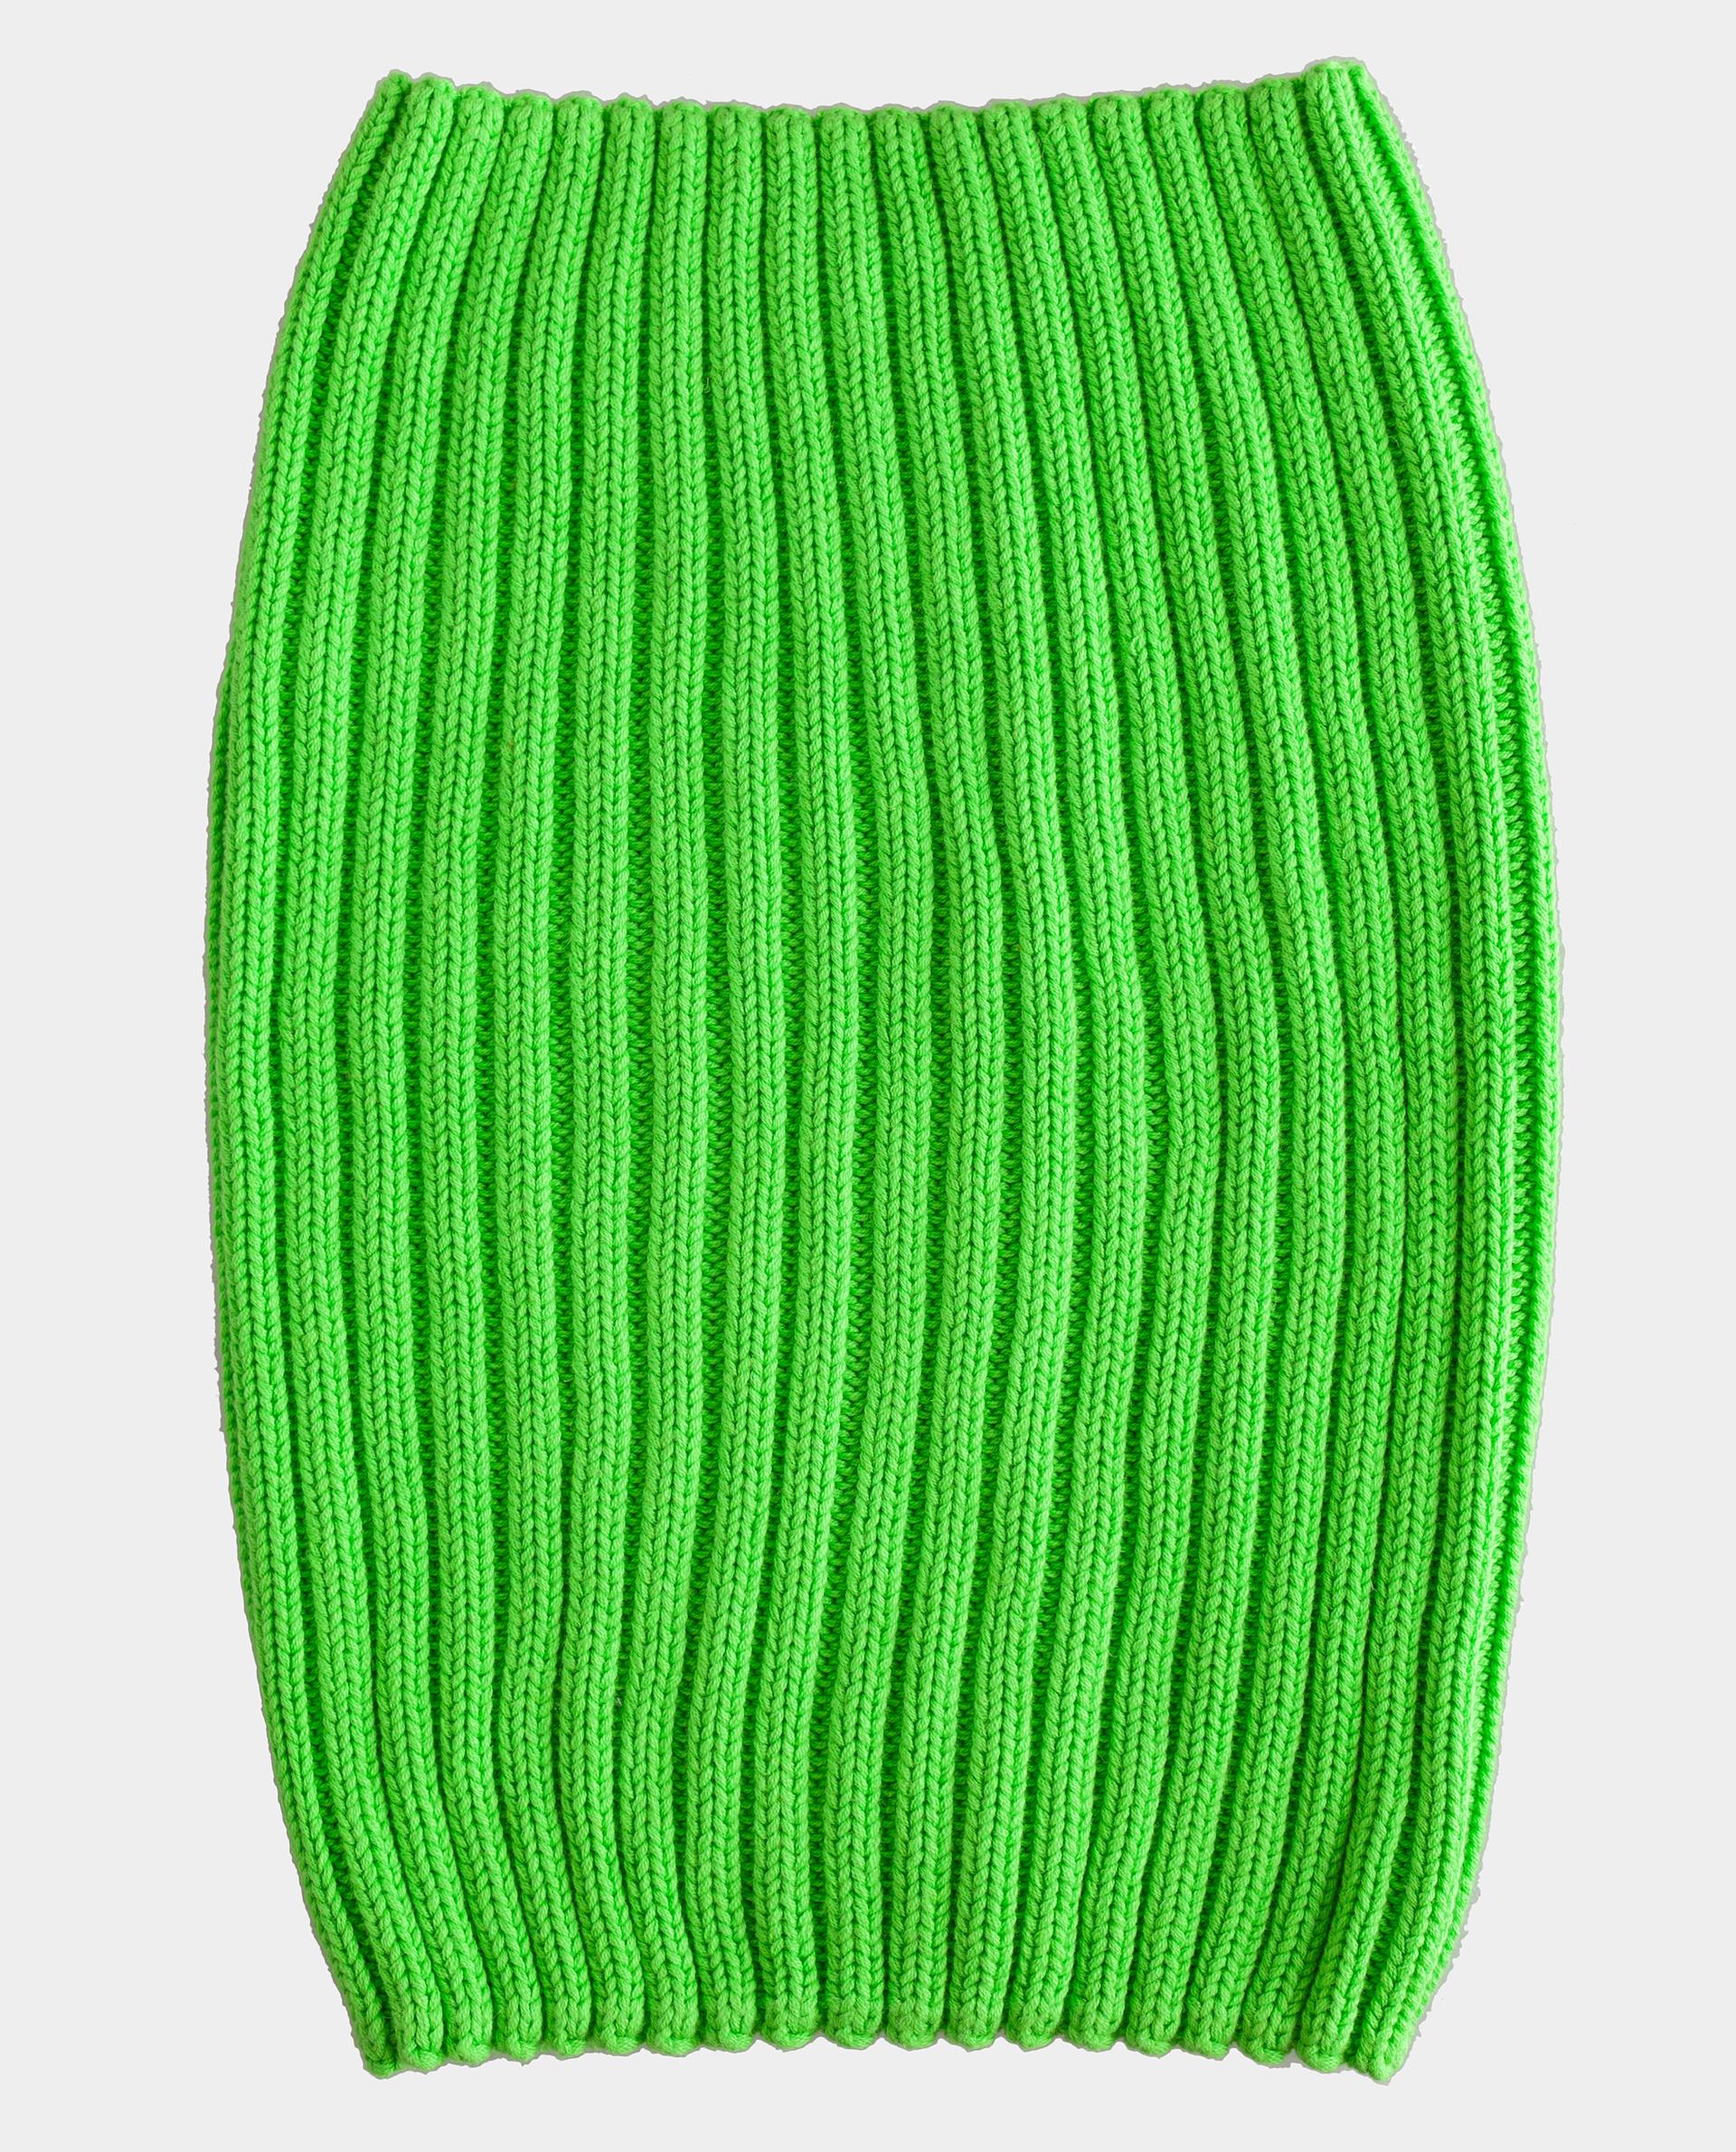 Зеленый воротник вязаный Gulliver 22012BJC7504 зеленого цвета